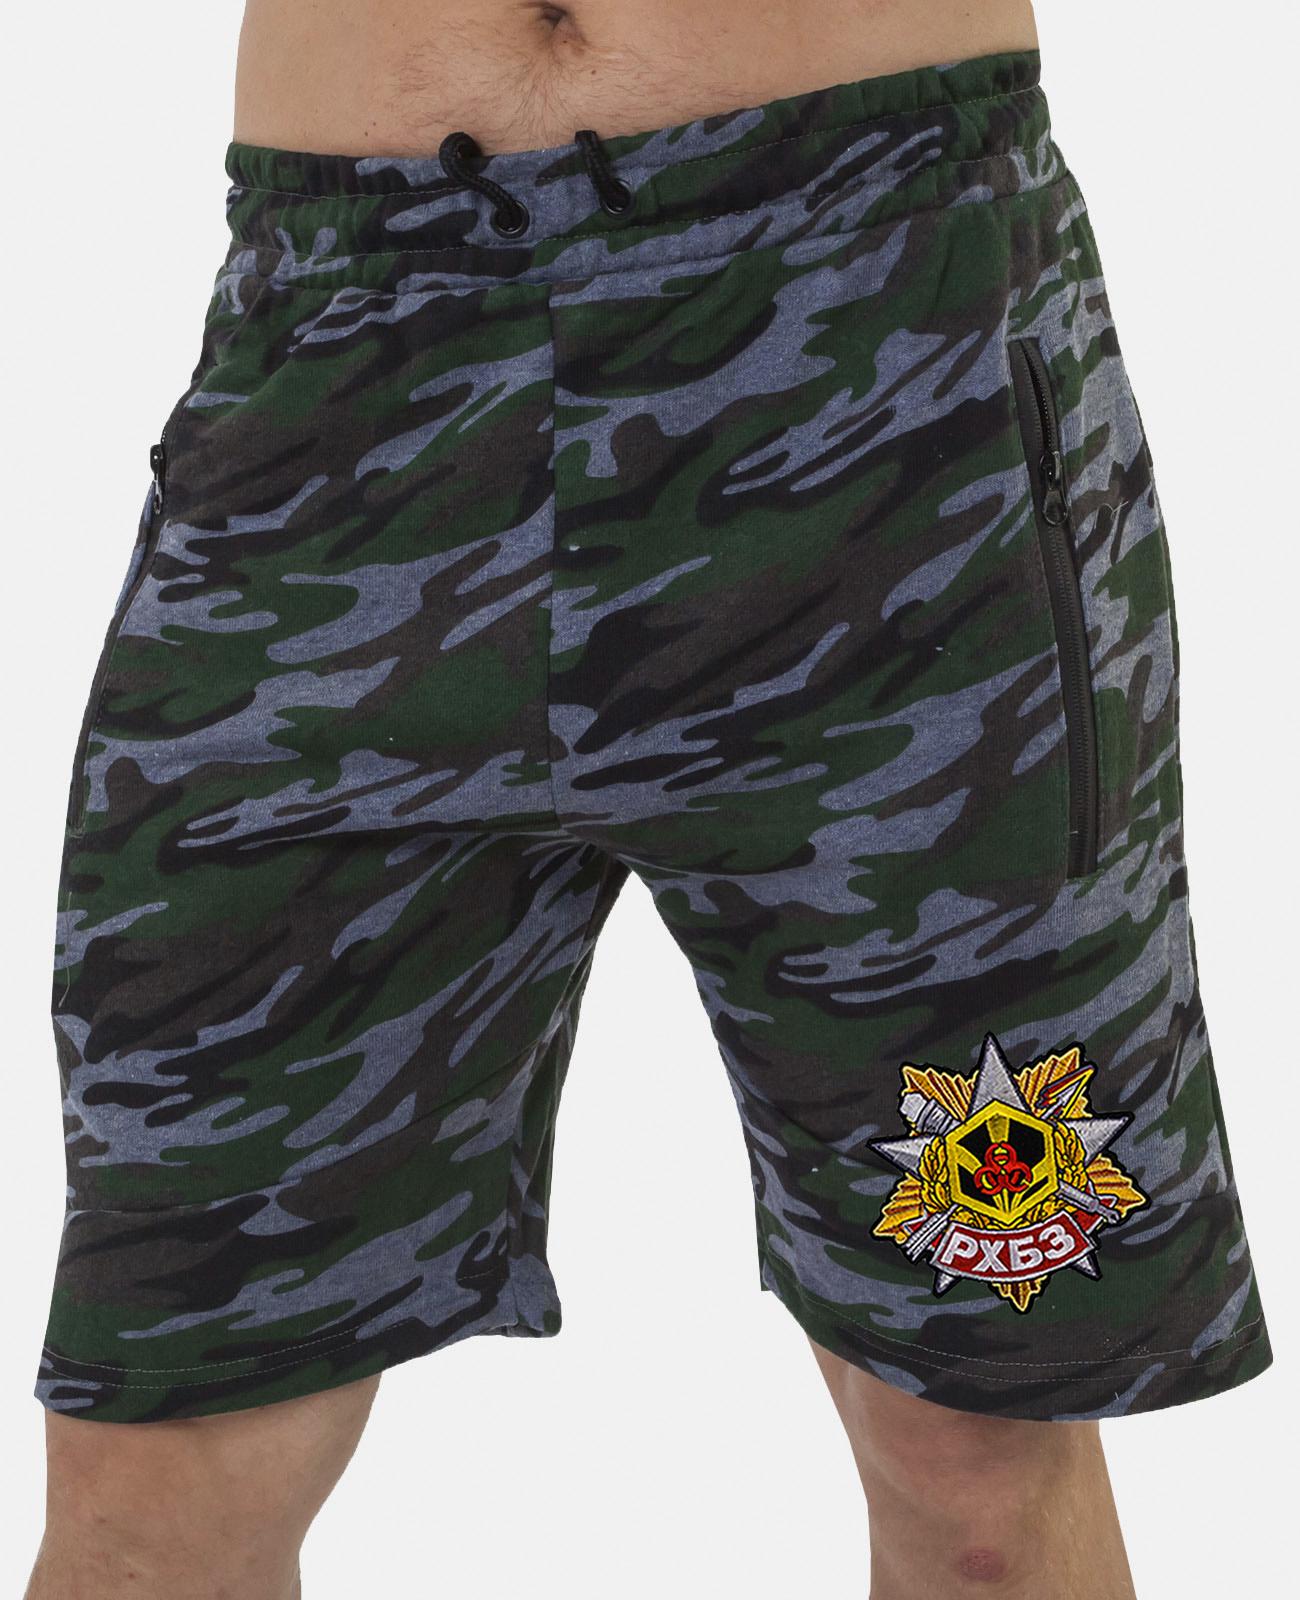 Купить особенные милитари шорты с карманами и нашивкой РХБЗ оптом или в розницу